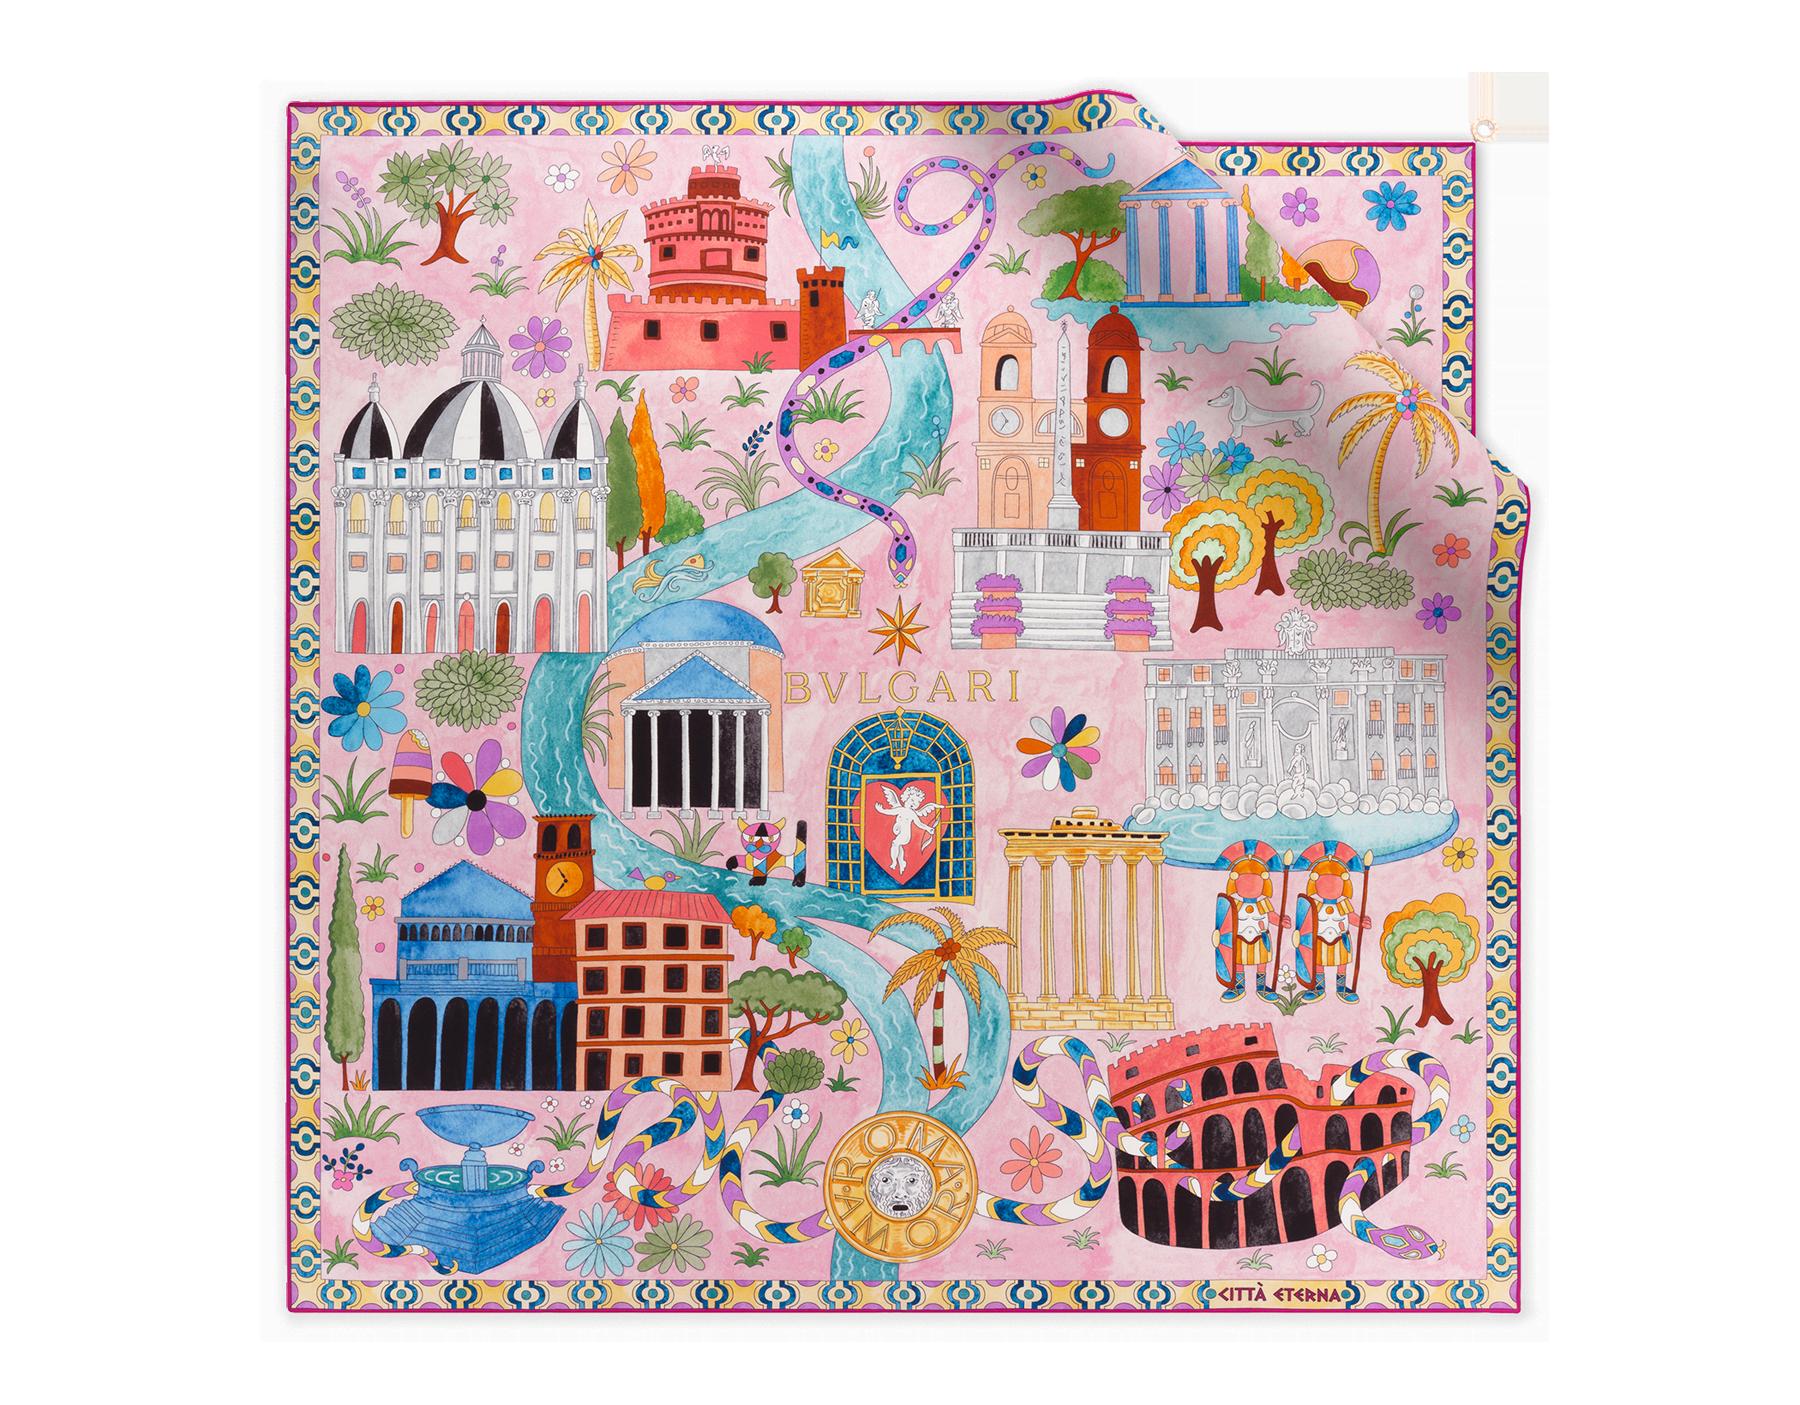 ライトピンクの「Città Eterna」スカーフ。上質なシルクツイル製。 244455 image 1